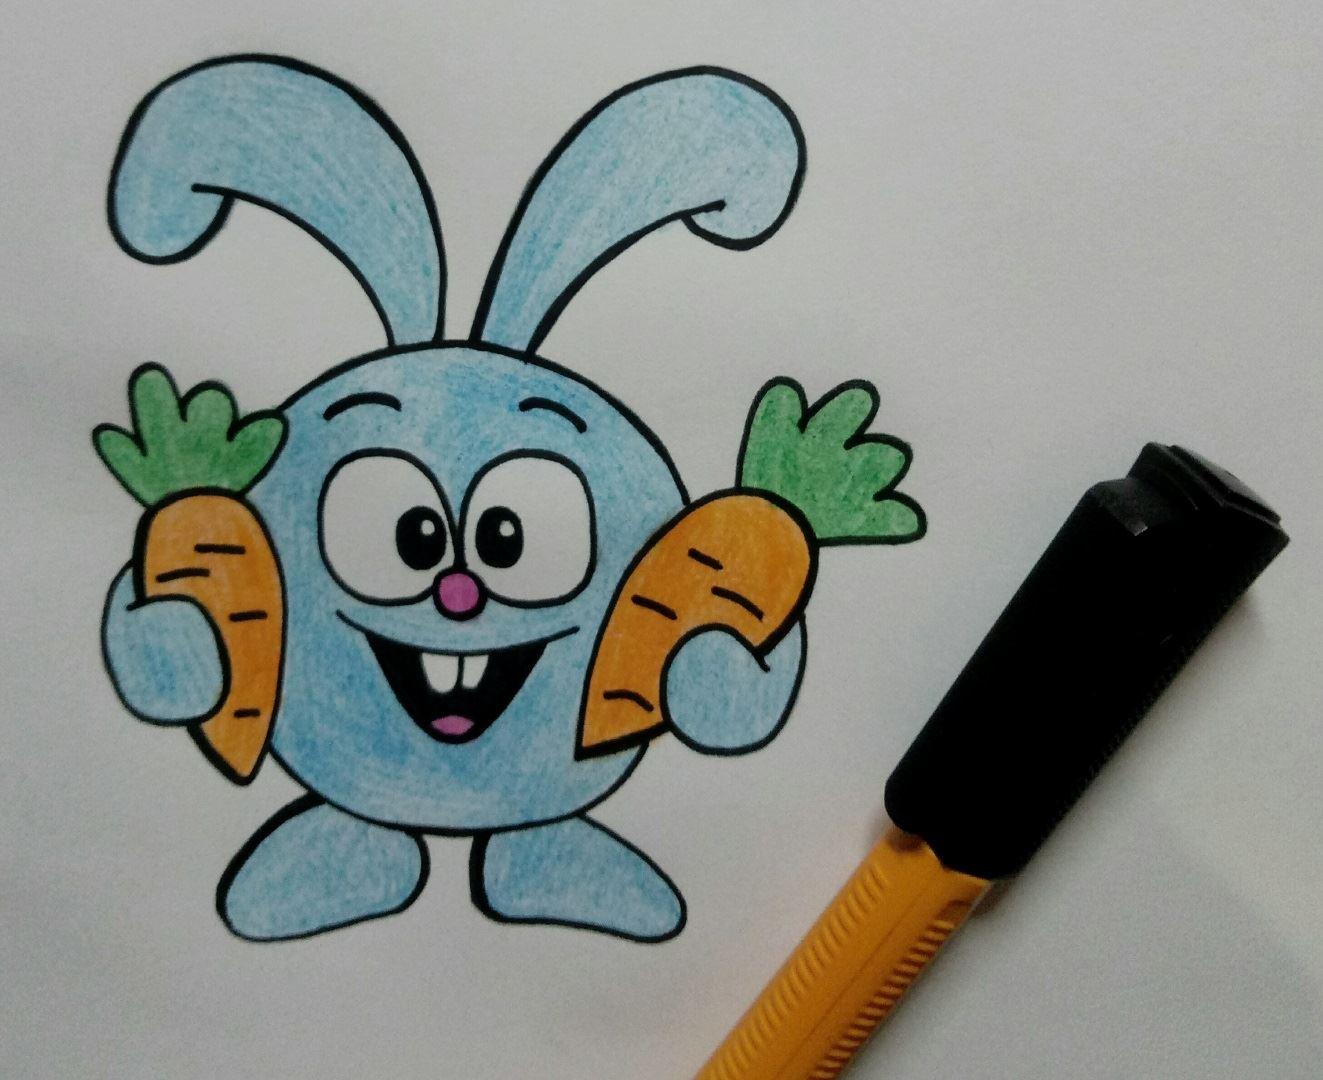 """Рисуем замечательного Кроша, из любимого всем мультсериала """"Смешарики""""  Повторяем каждую картинку и делаем мультфильмы своими руками."""